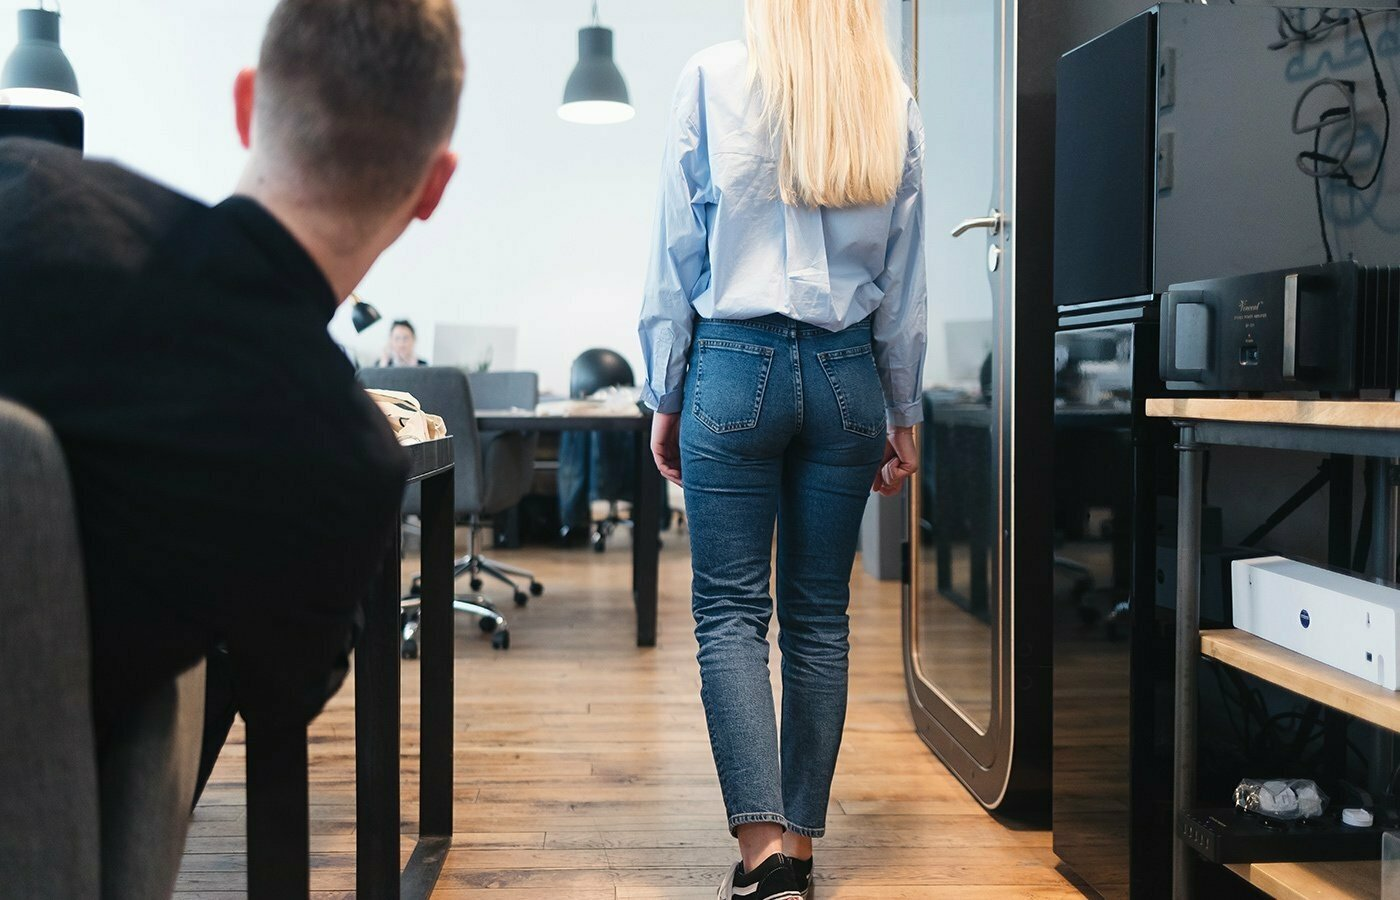 Genderová nerovnost v práci: předsudky stále hrají prim